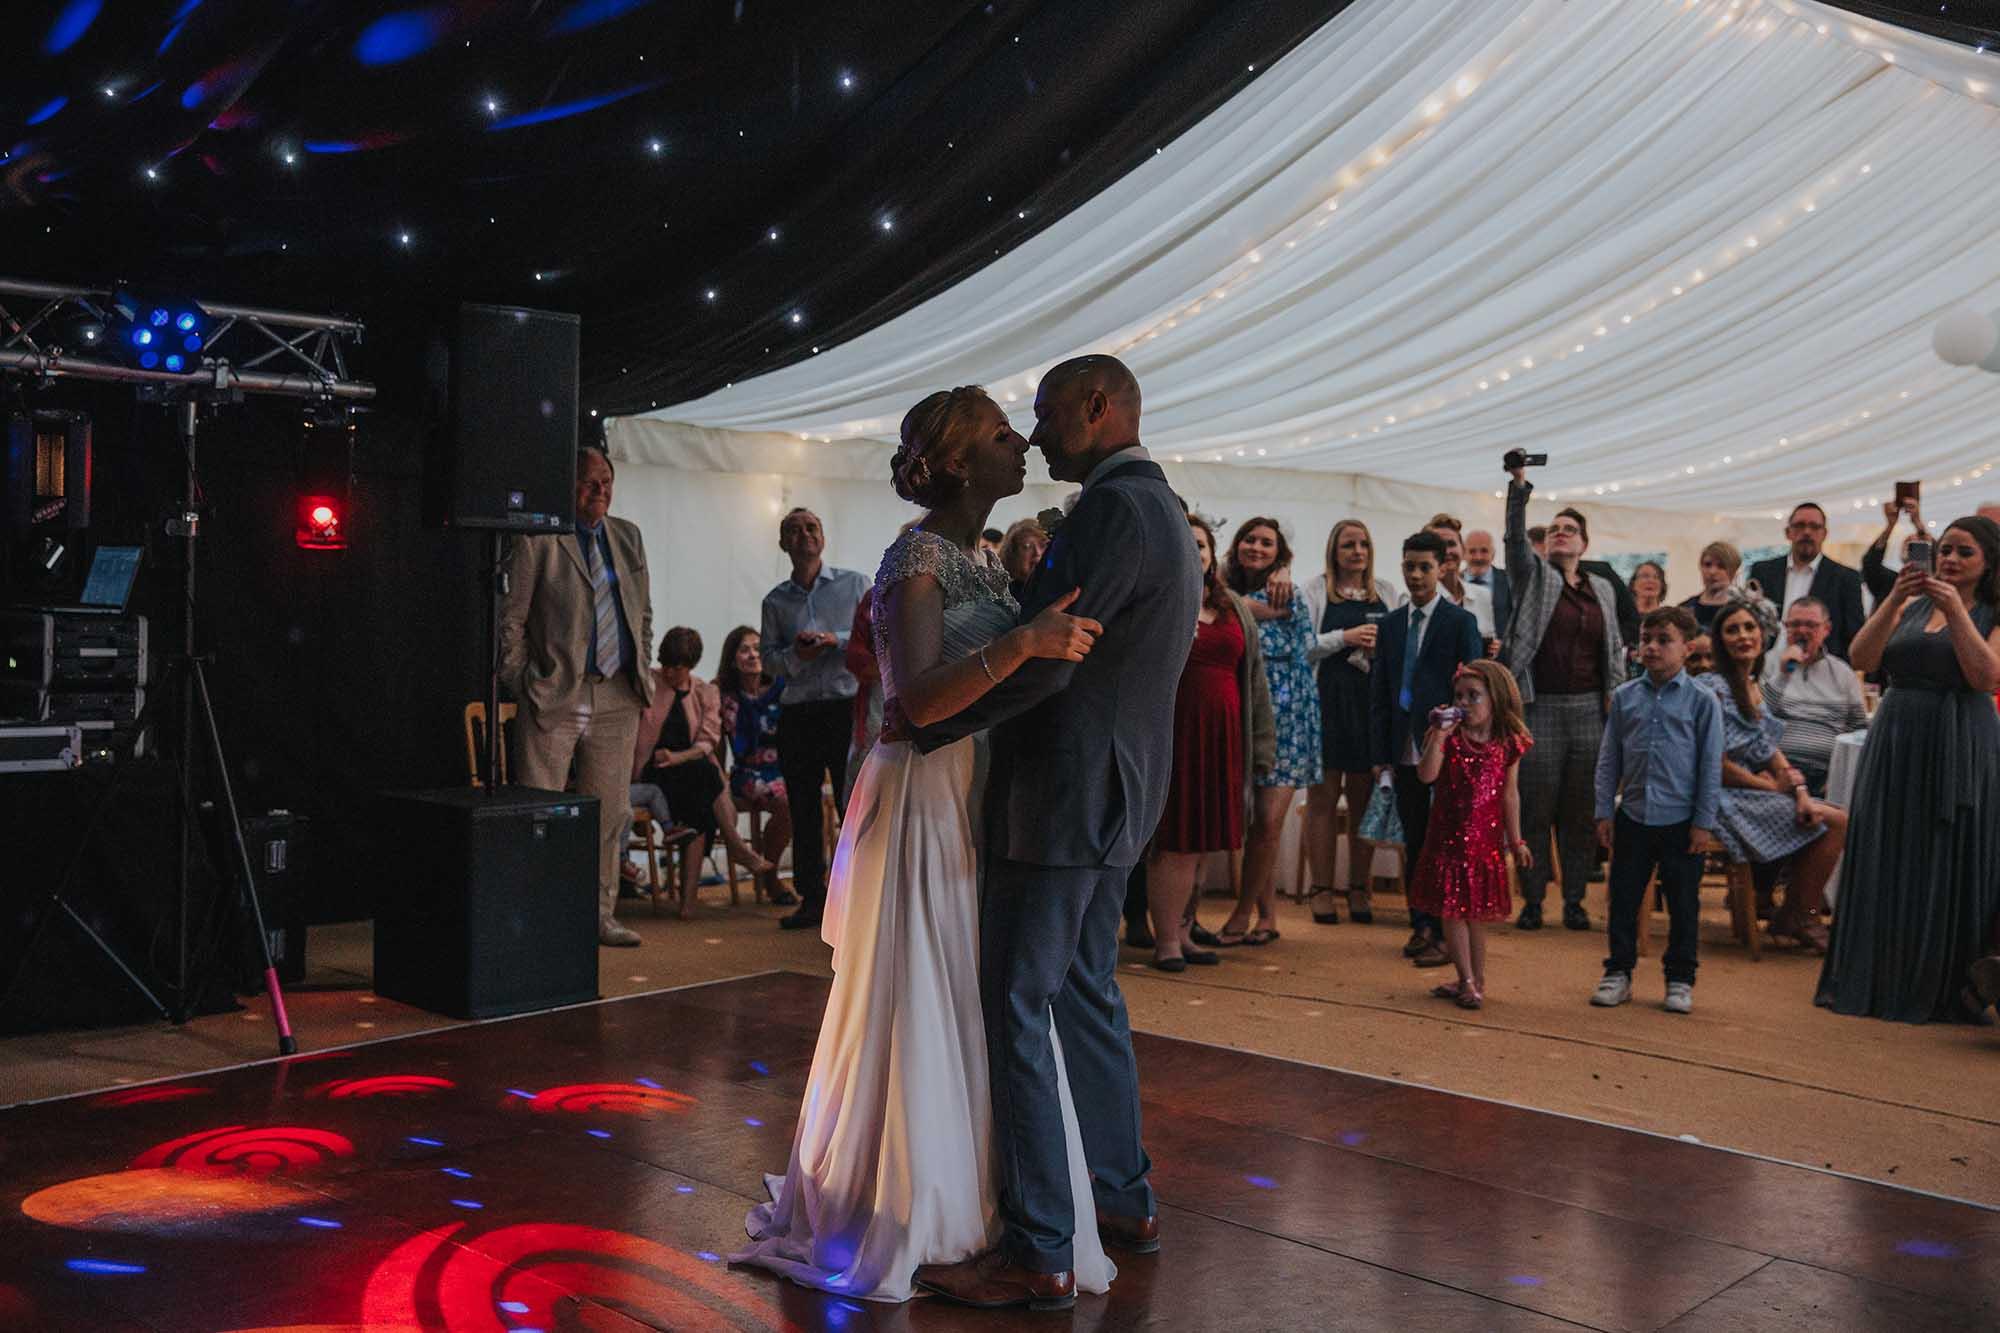 tros yr afon evening wedding reception